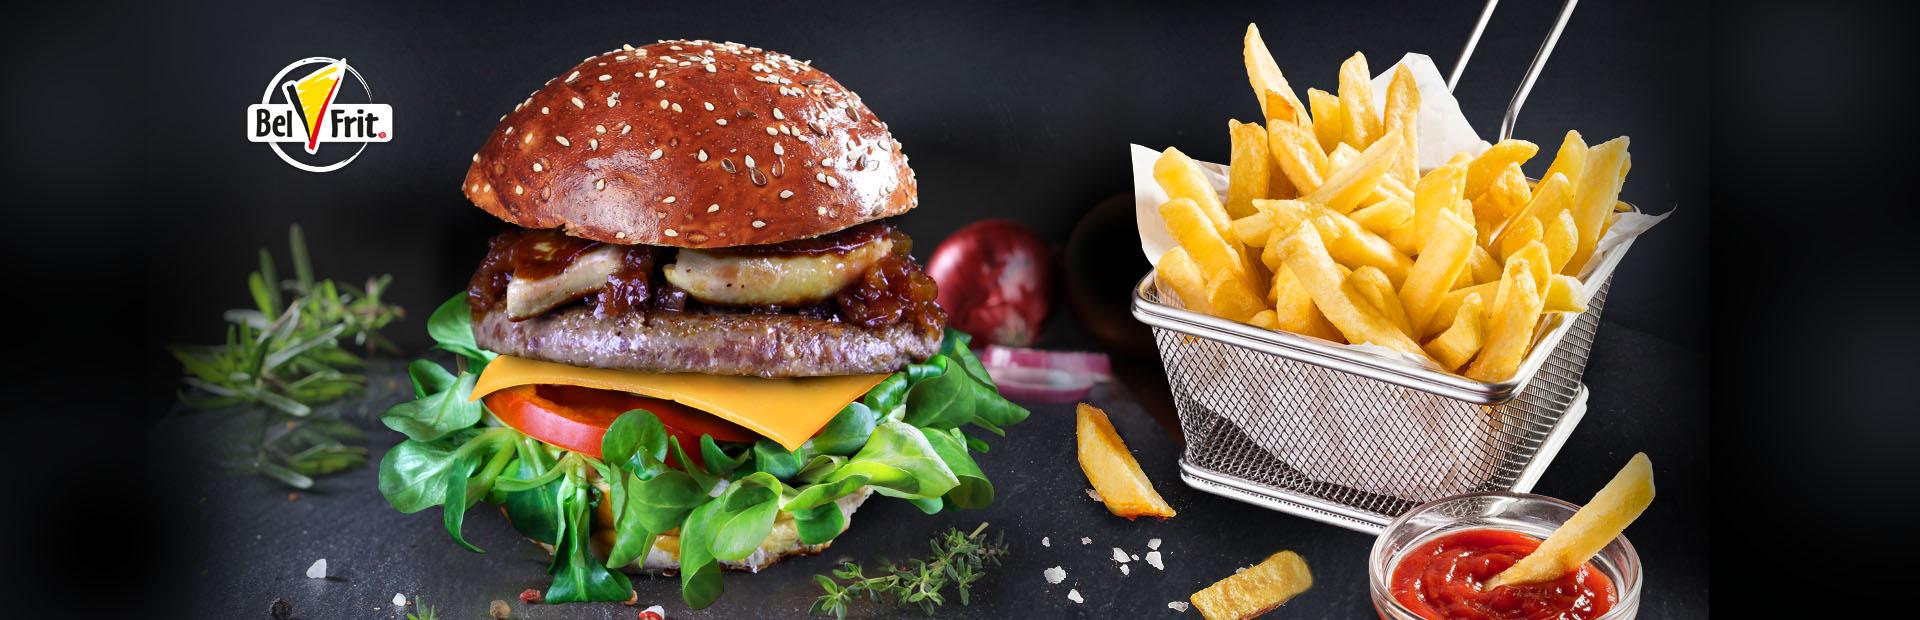 Új Prémium Belfrit Burgerek!